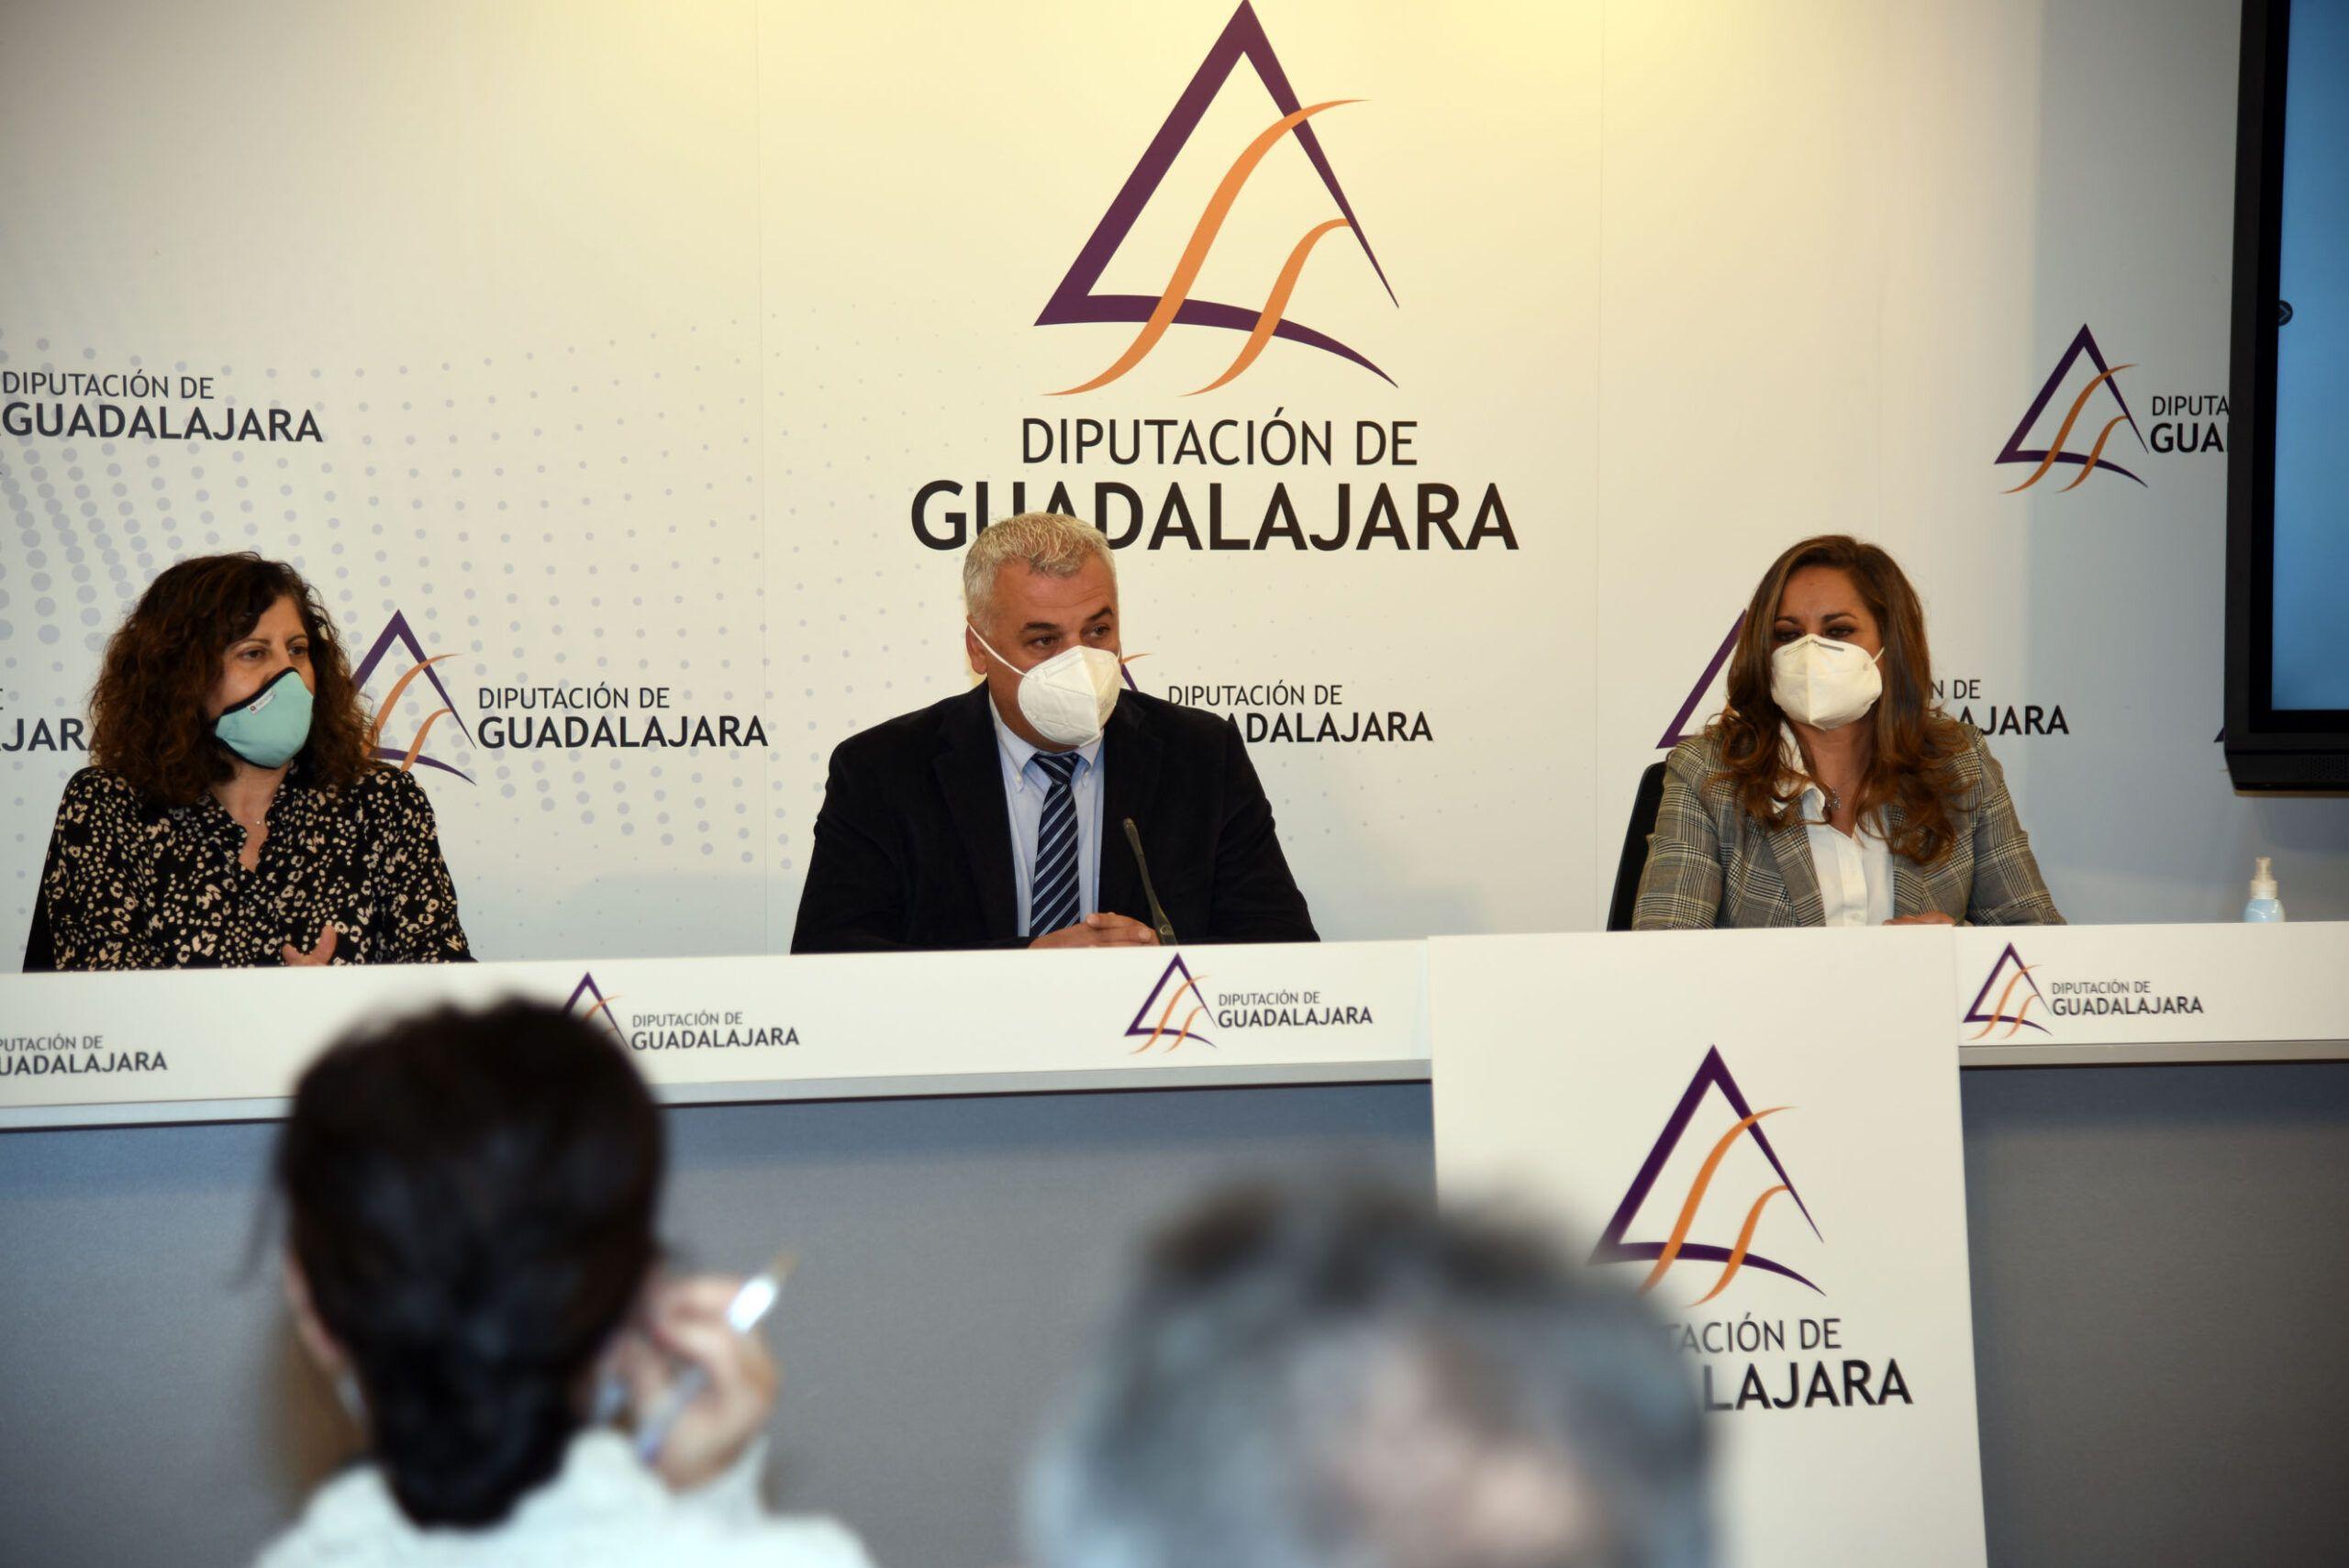 La Diputación de Guadalajara pone 2 millones para pagar tributos municipales de PYMES y autónomos rurales afectados por la pandemia